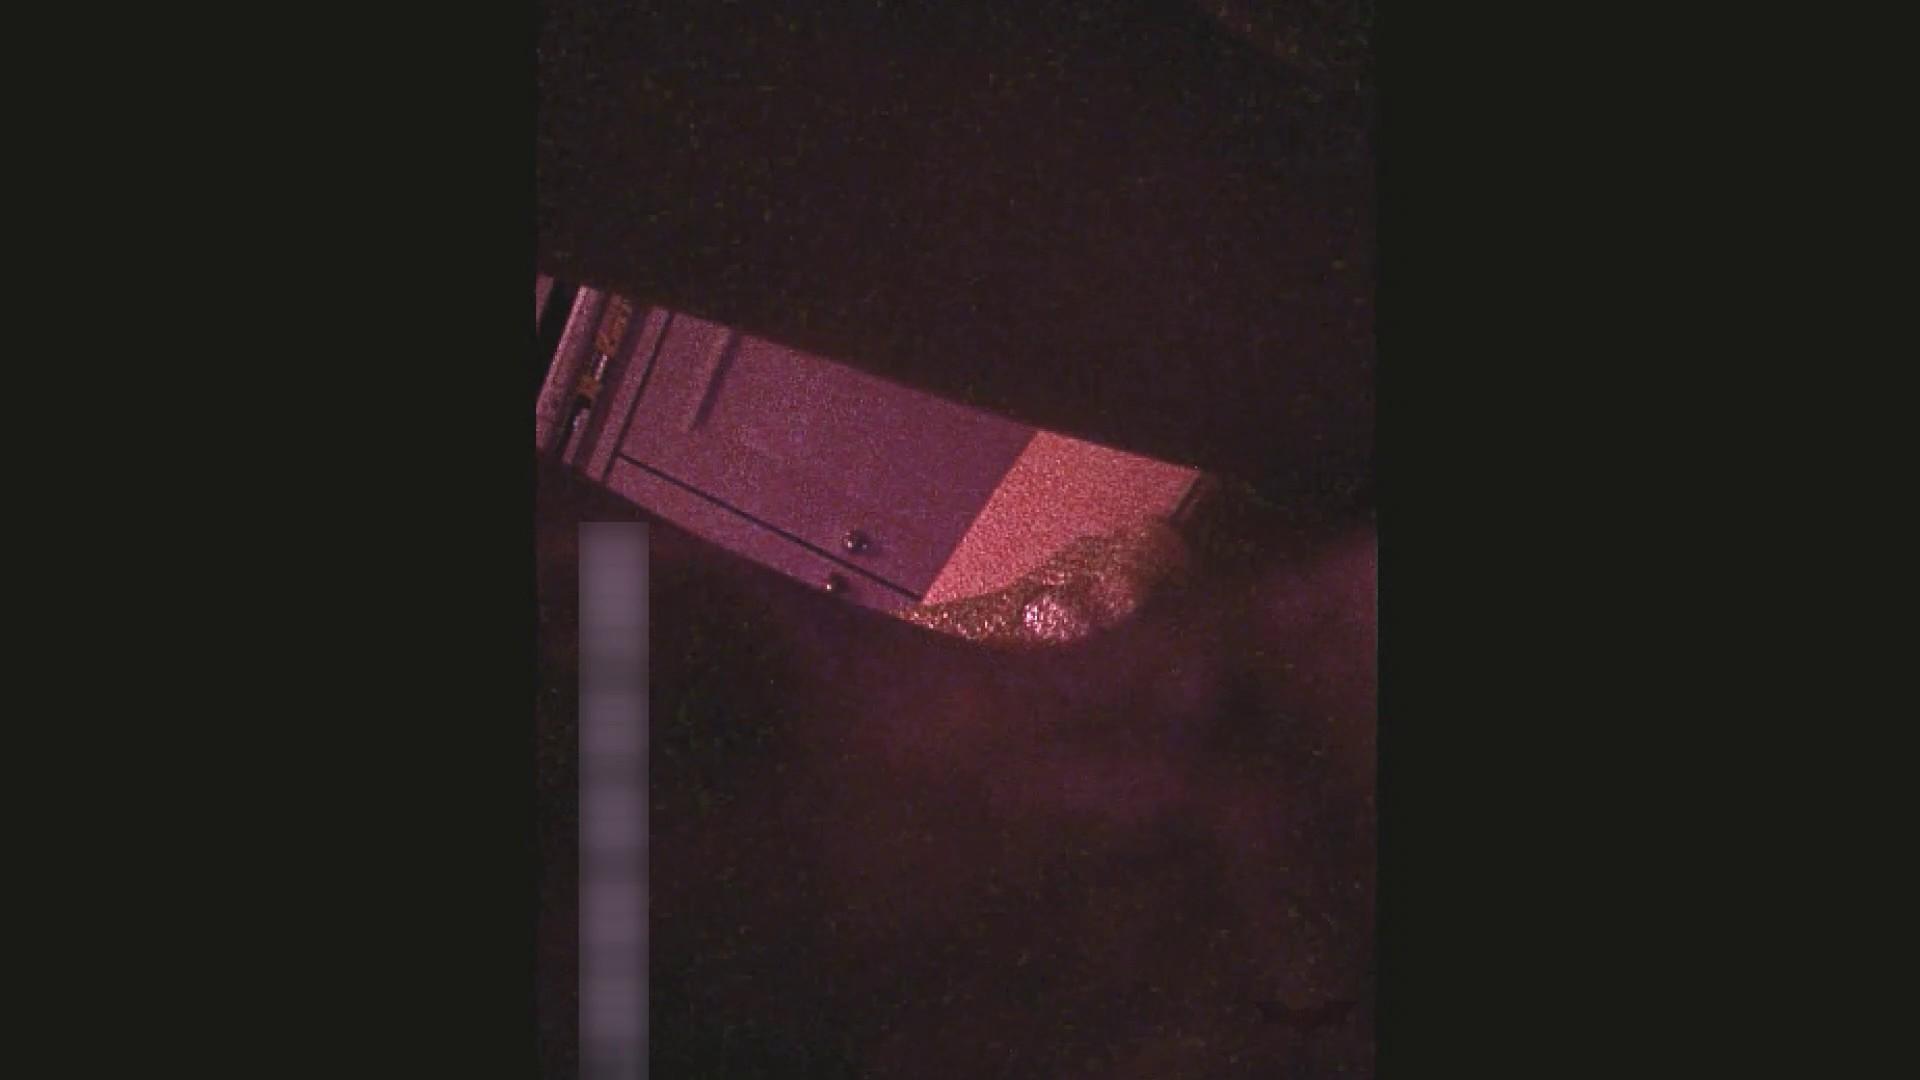 榮倉奈々 似!!激カワ ときめきチャン Vol.34 脱衣編 丸見え 戯れ無修正画像 95枚 69